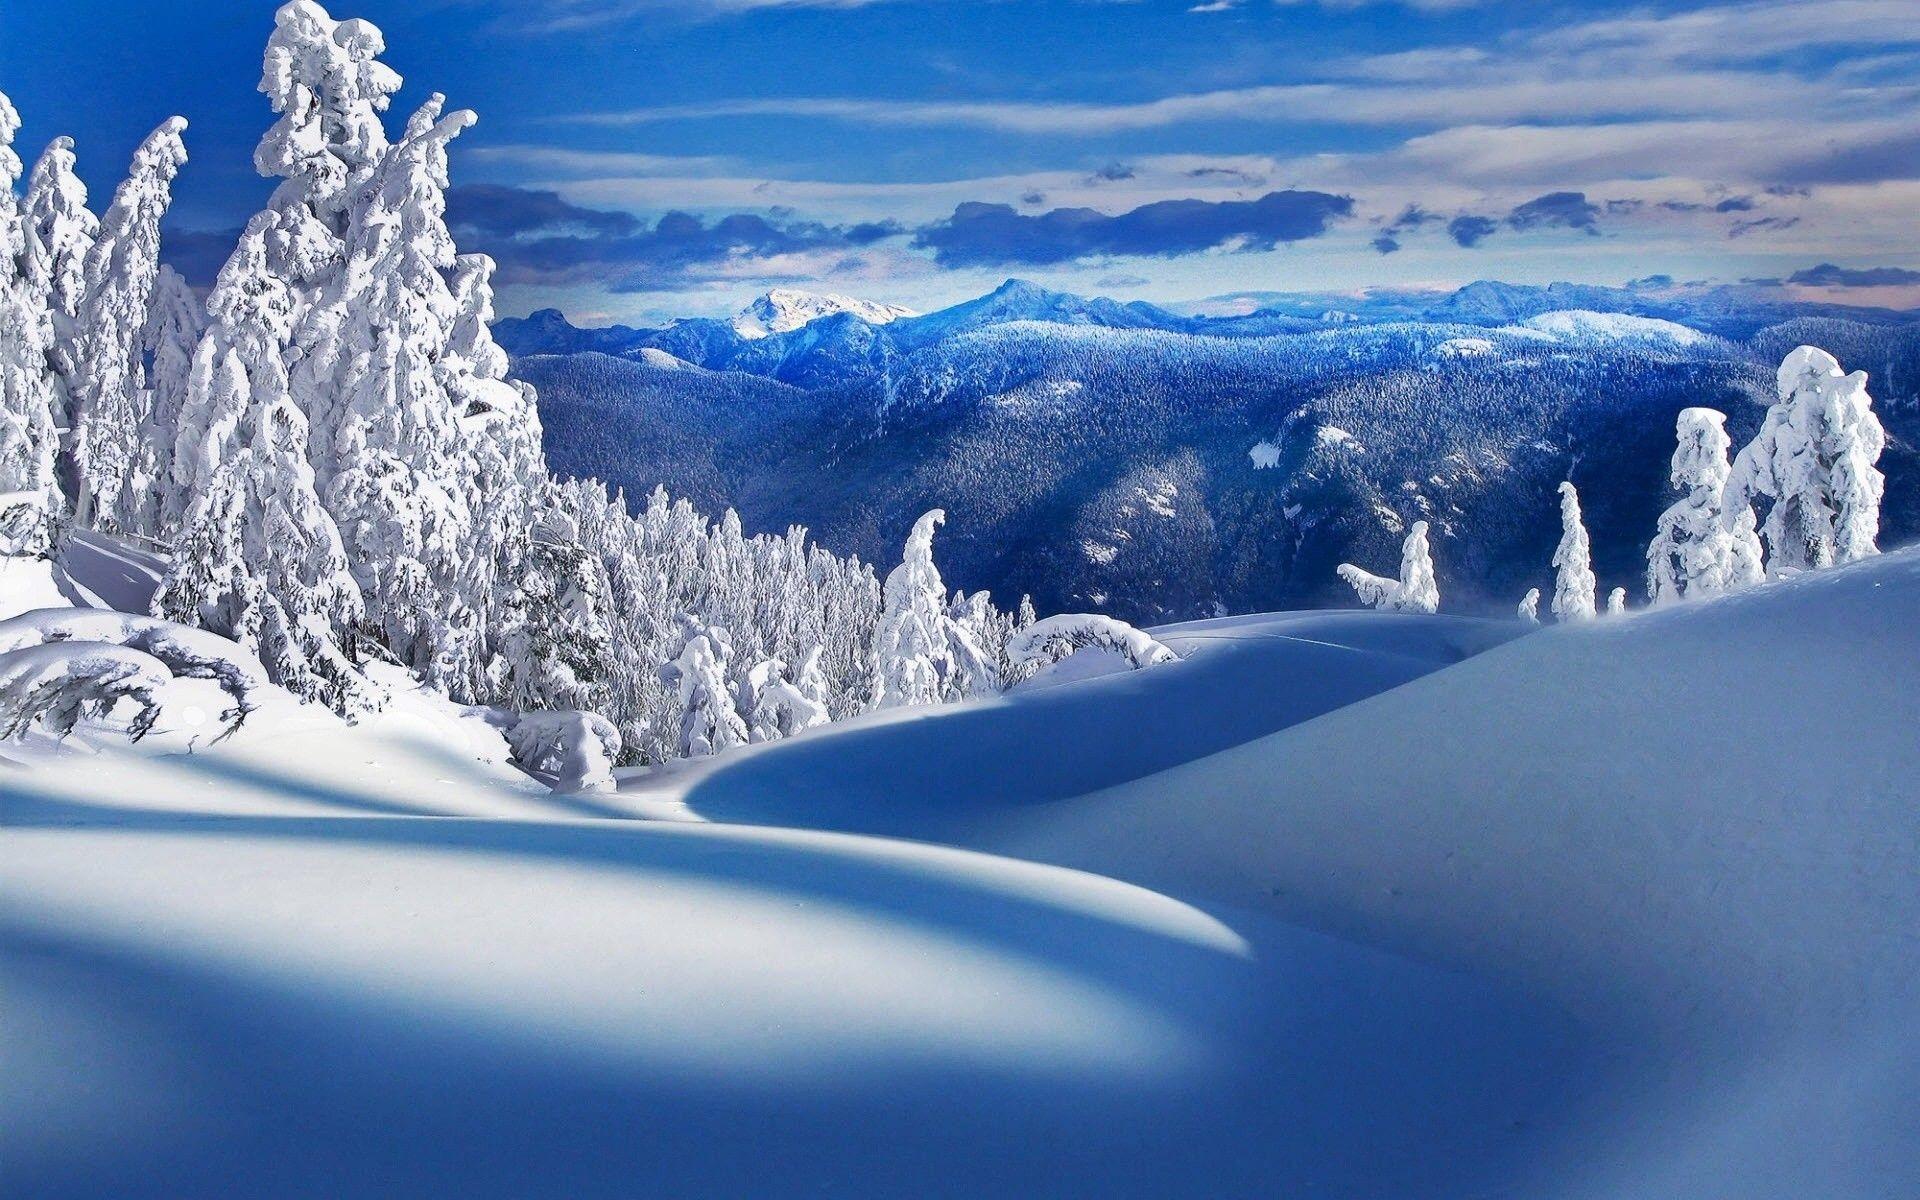 Wallpaper Desktop Winter Scenes (53+ images)